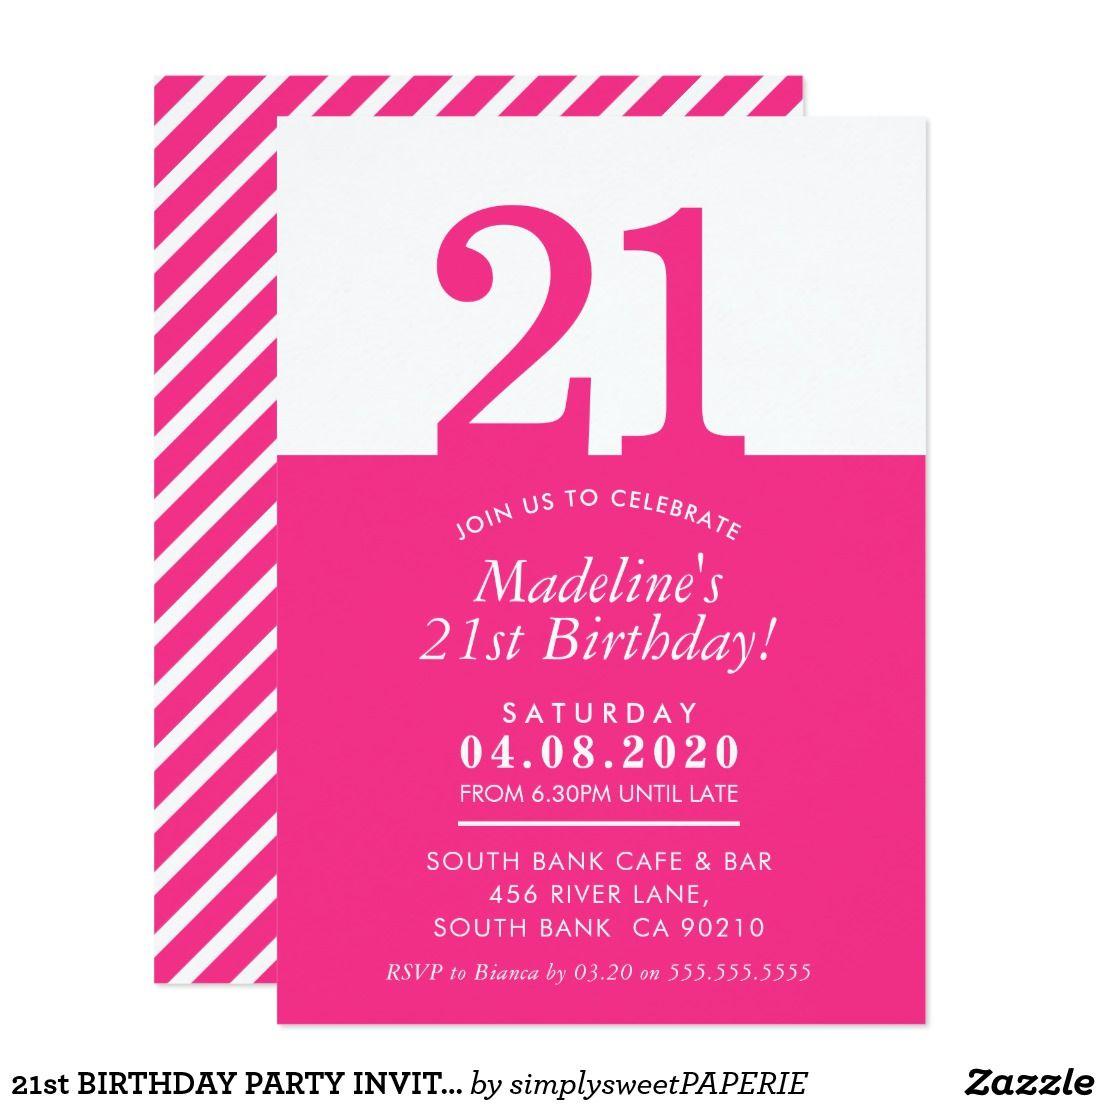 21st BIRTHDAY PARTY INVITE modern minimal pink | Birthday Bash ...